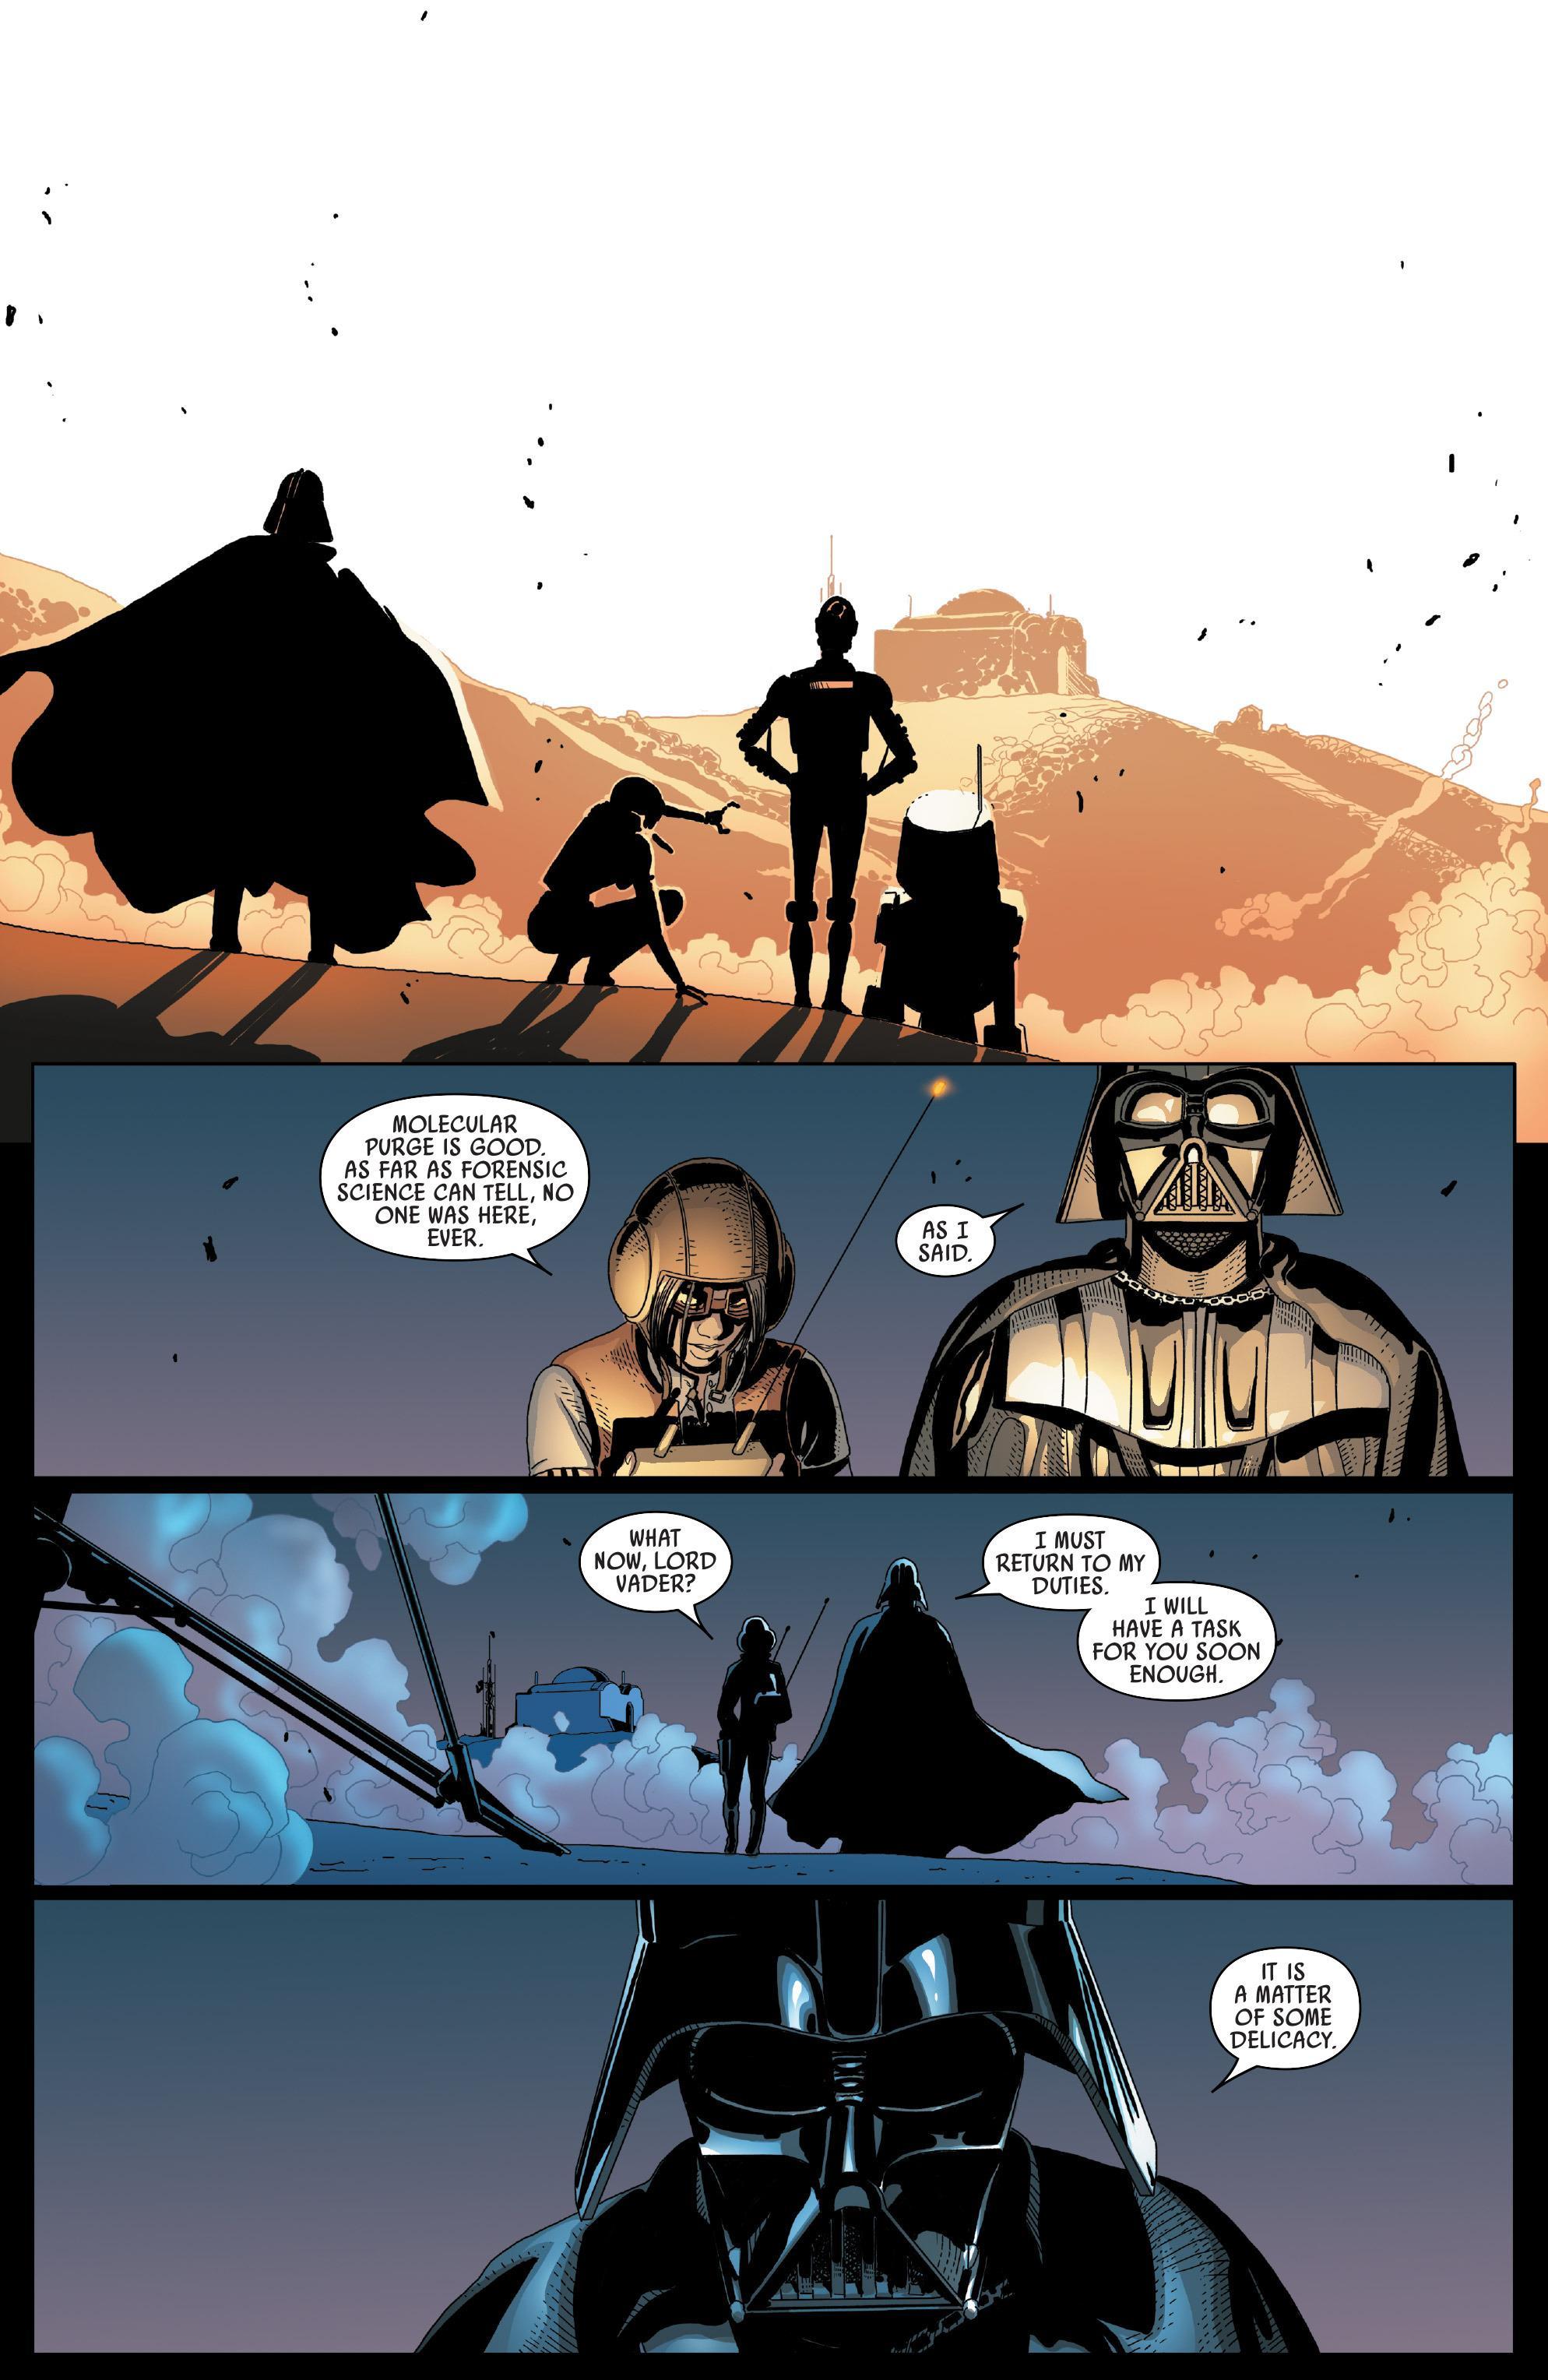 Star Wars Darth Vader Vol 1 review